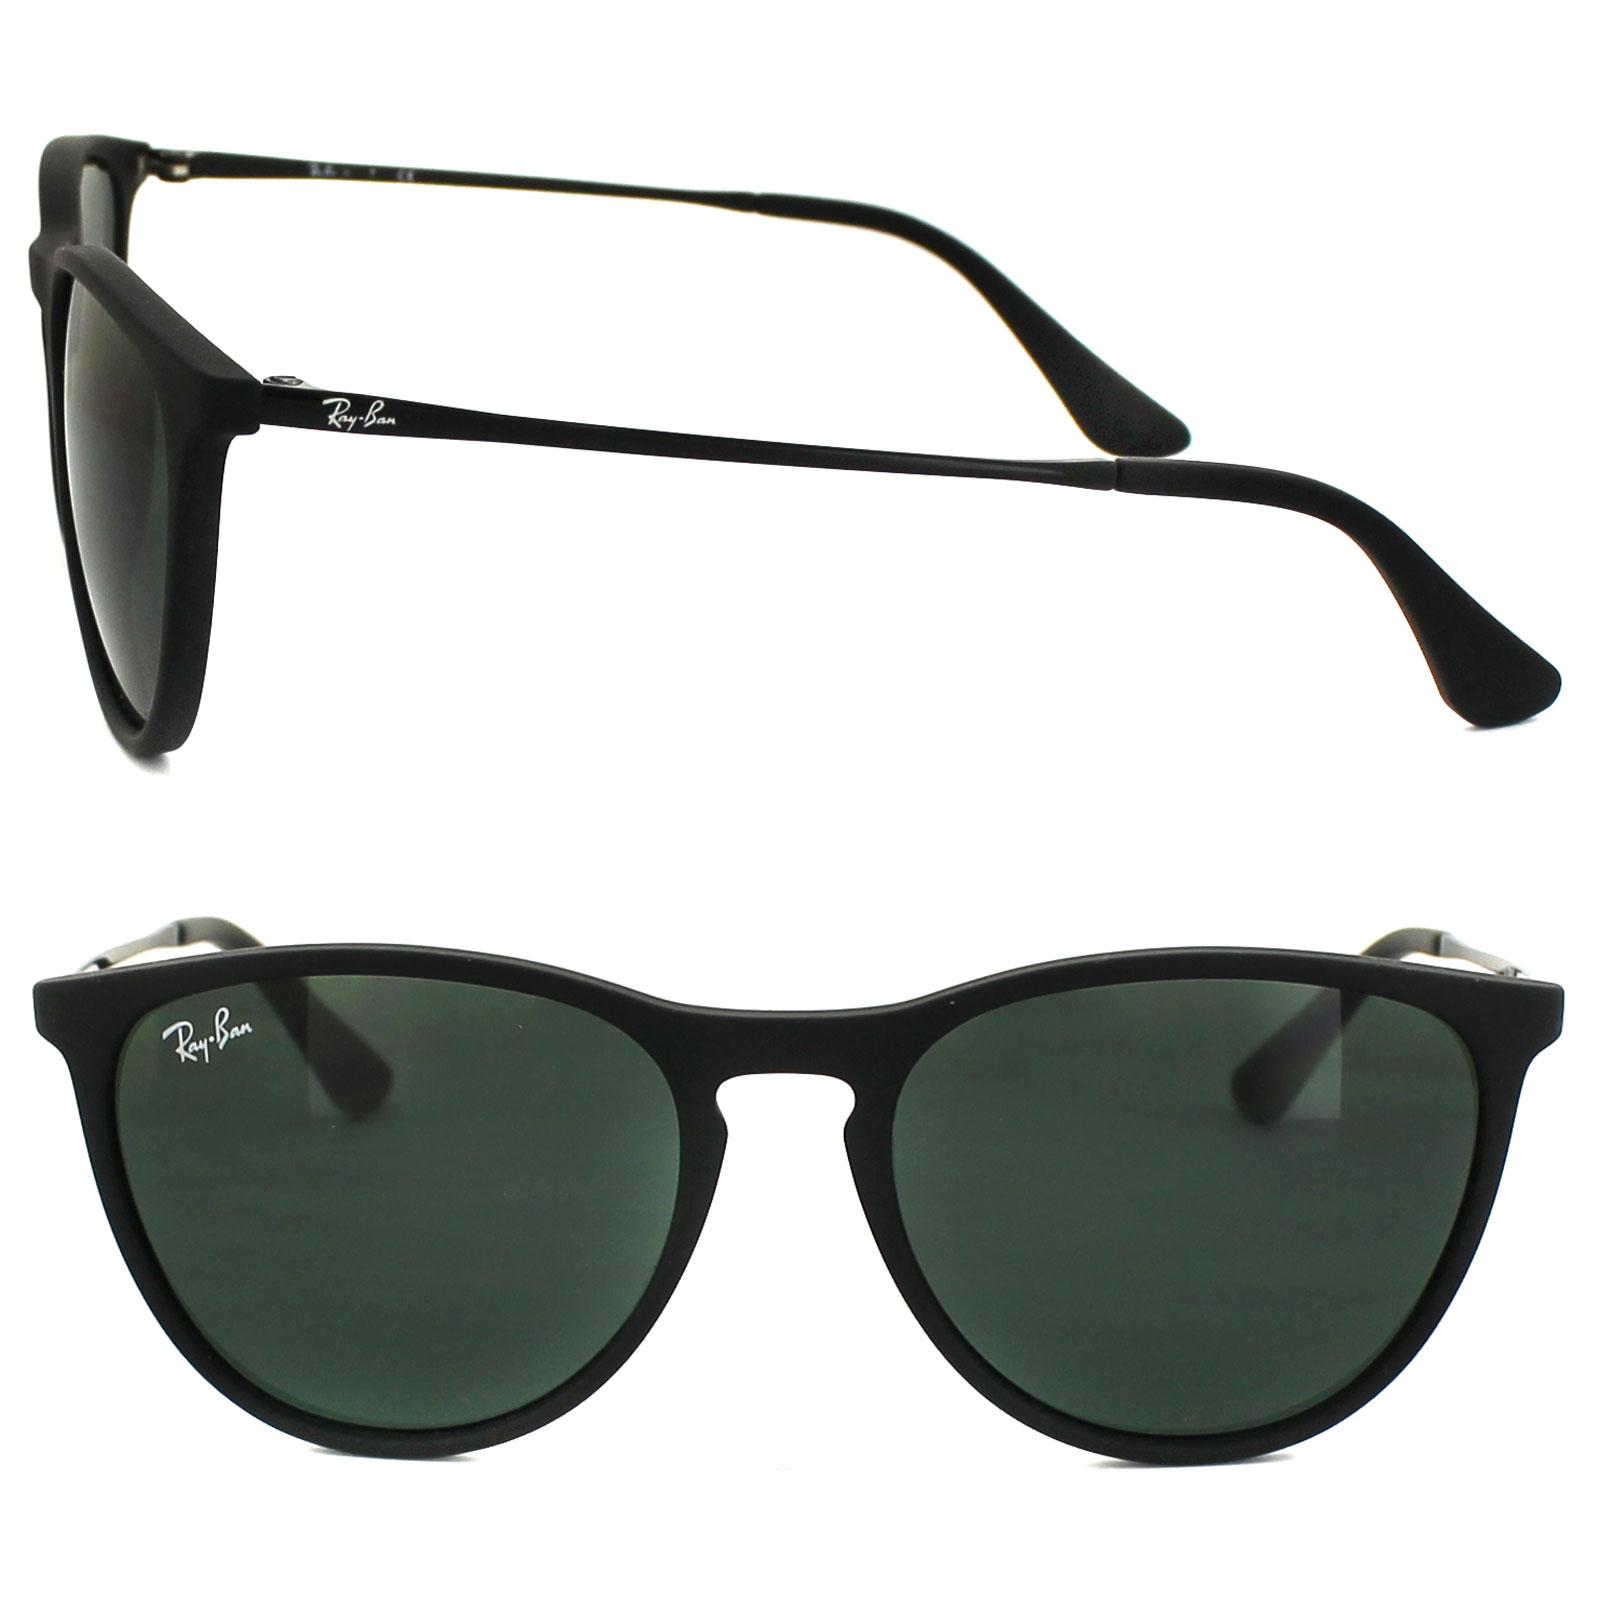 b555c44e11 Sentinel Ray-Ban Junior Sunglasses Izzy 9060 700571 Rubber Black Green